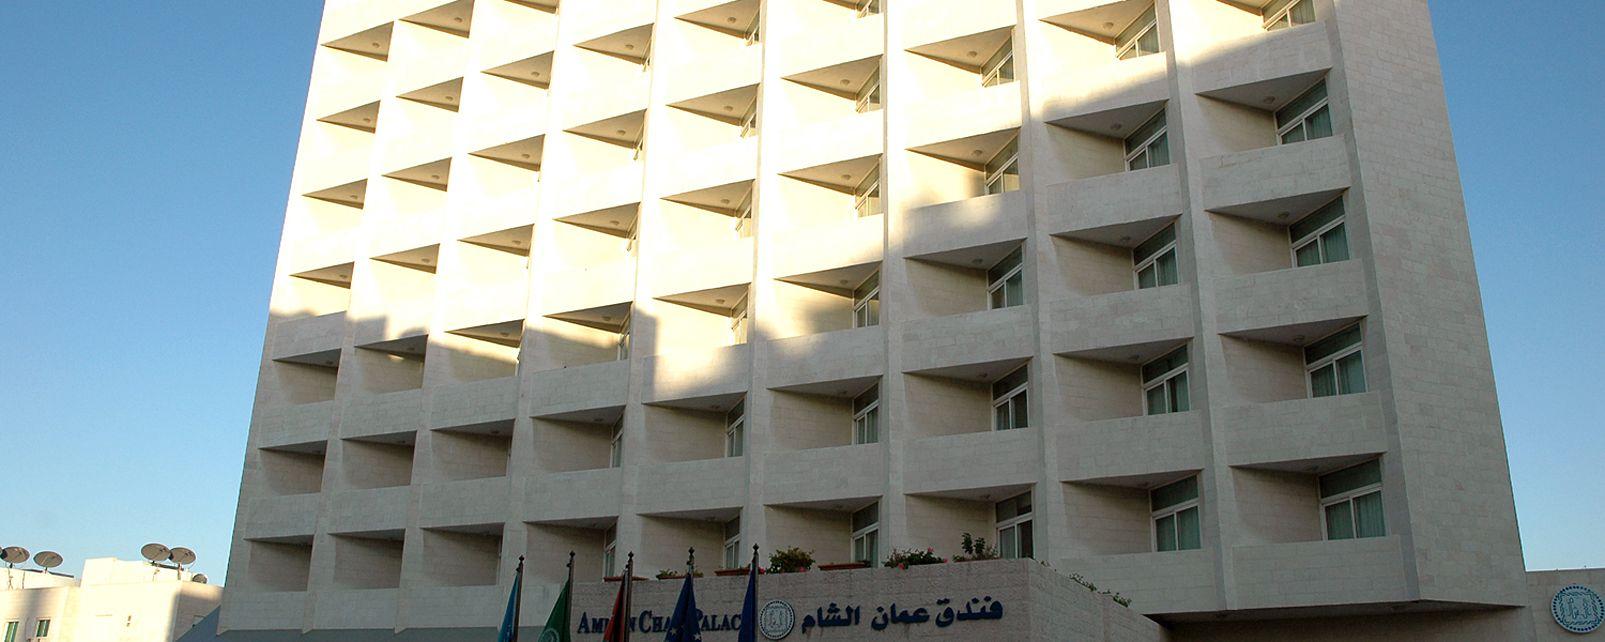 Hotel Cham Palace